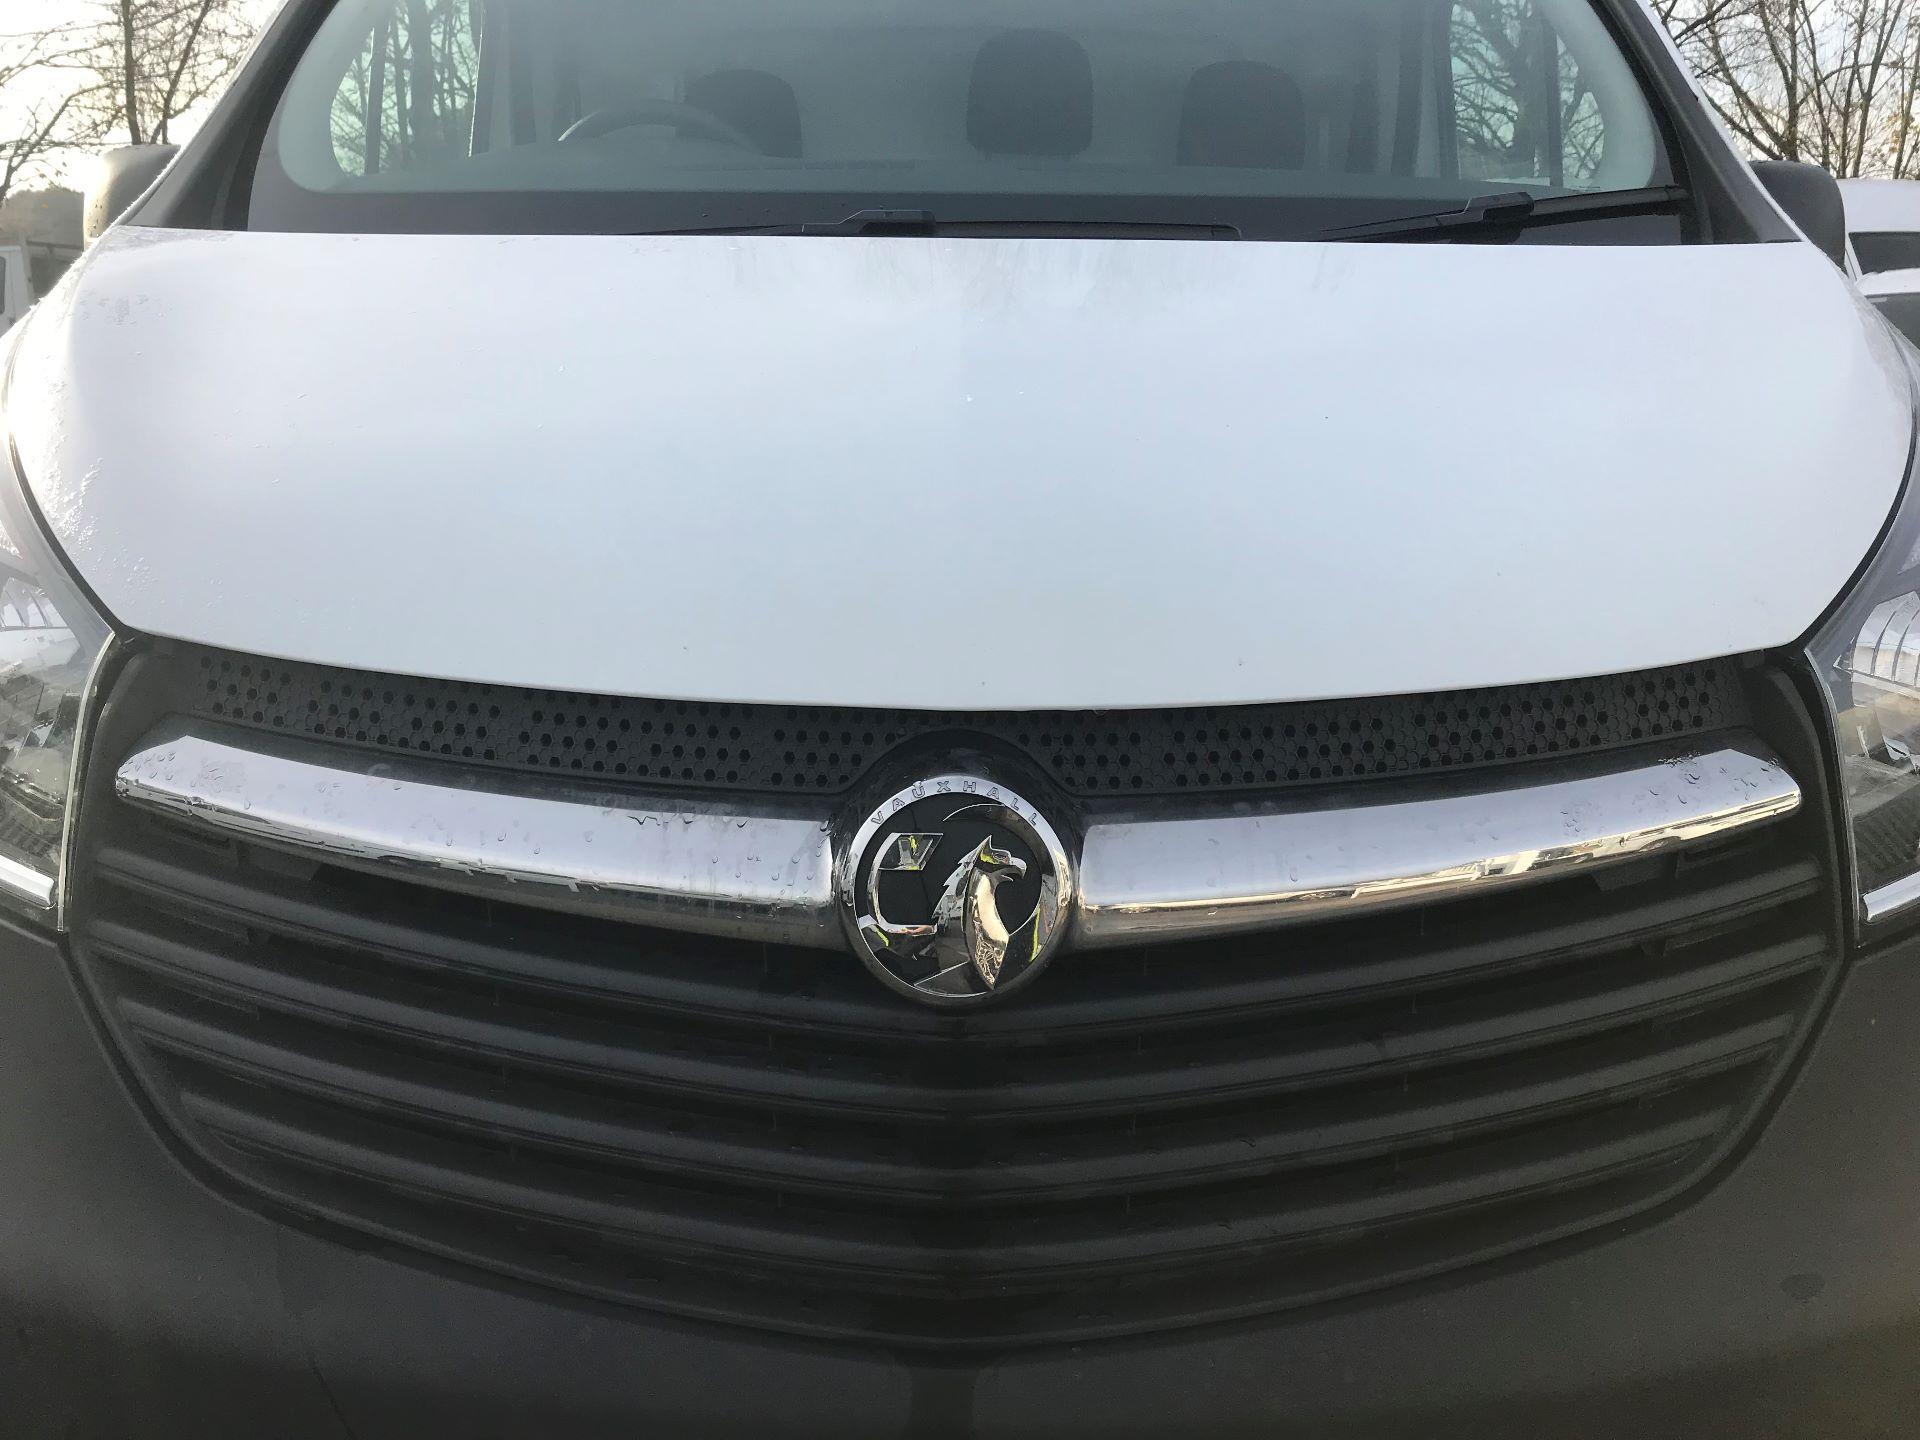 2017 Vauxhall Vivaro L2 H1 2900 1.6CDTI 120PS EURO 6 (DV67LVD) Image 12